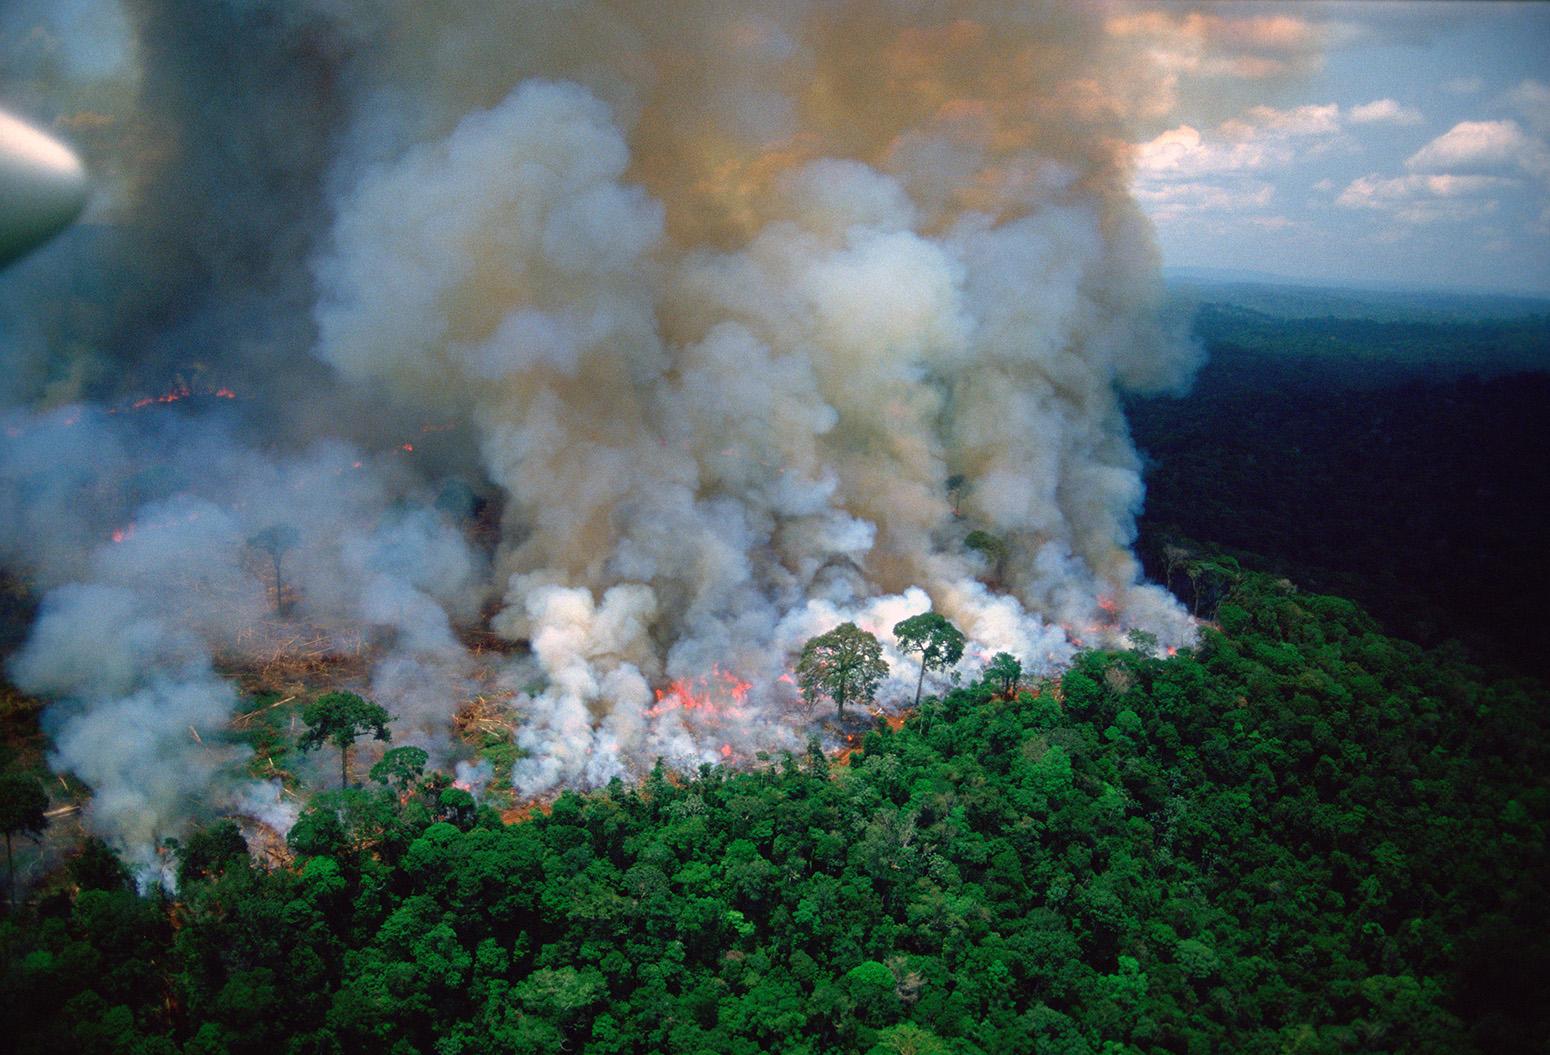 Incendios del amazonas siguen en pie. Estudios afirman que estos seguirán aumentando.